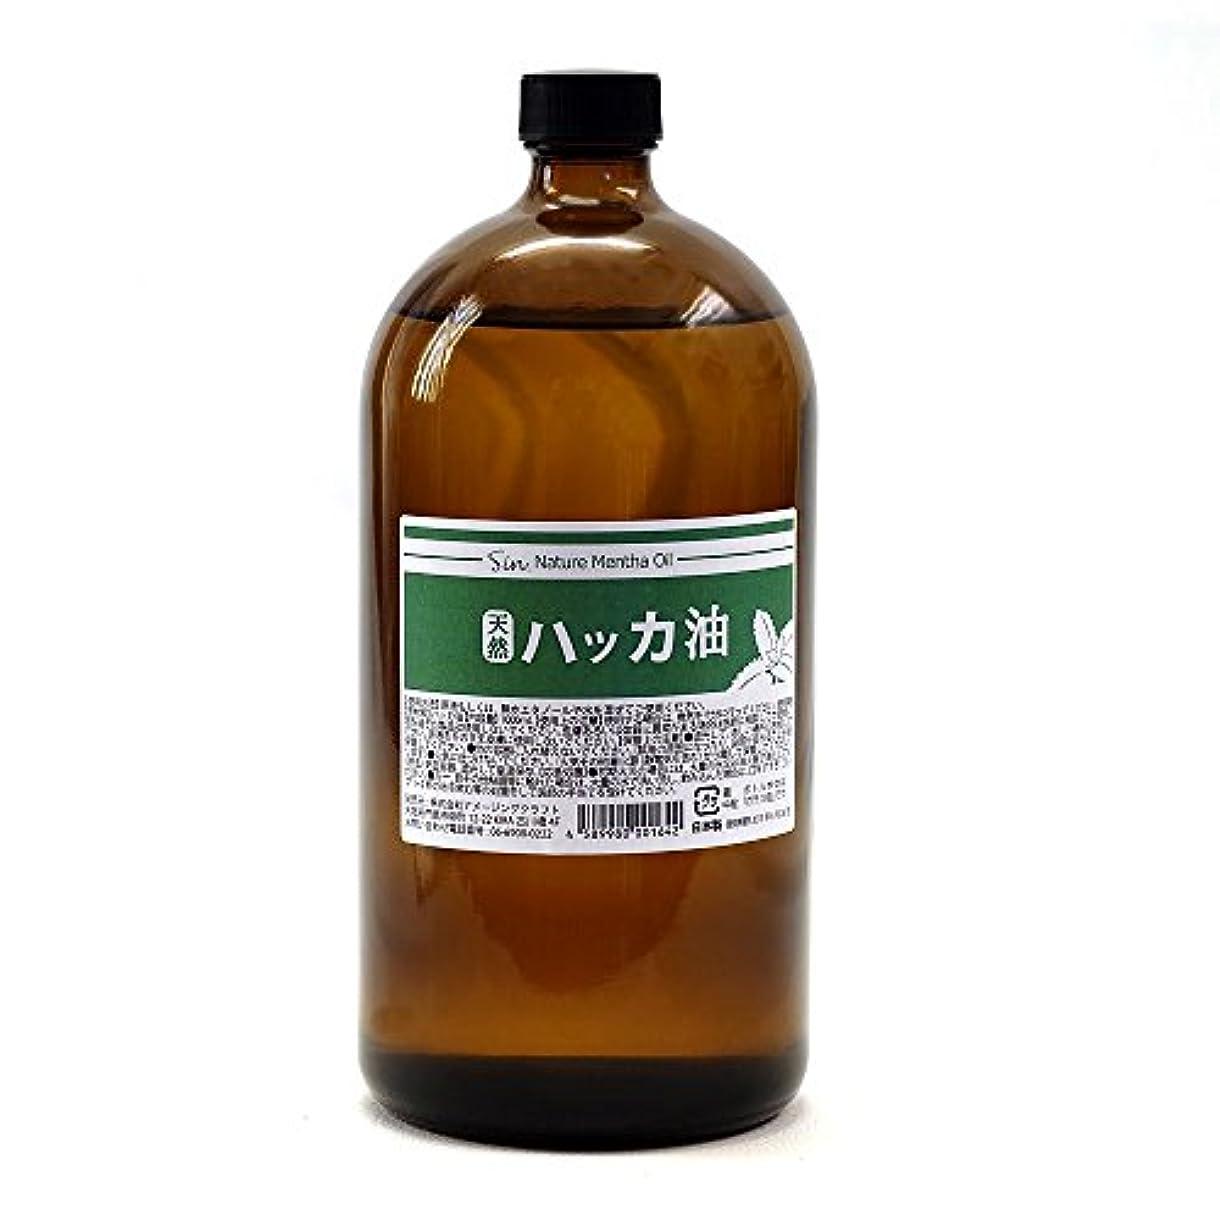 チキン光沢のある精神日本製 天然 ハッカ油 ハッカオイル 1000ml